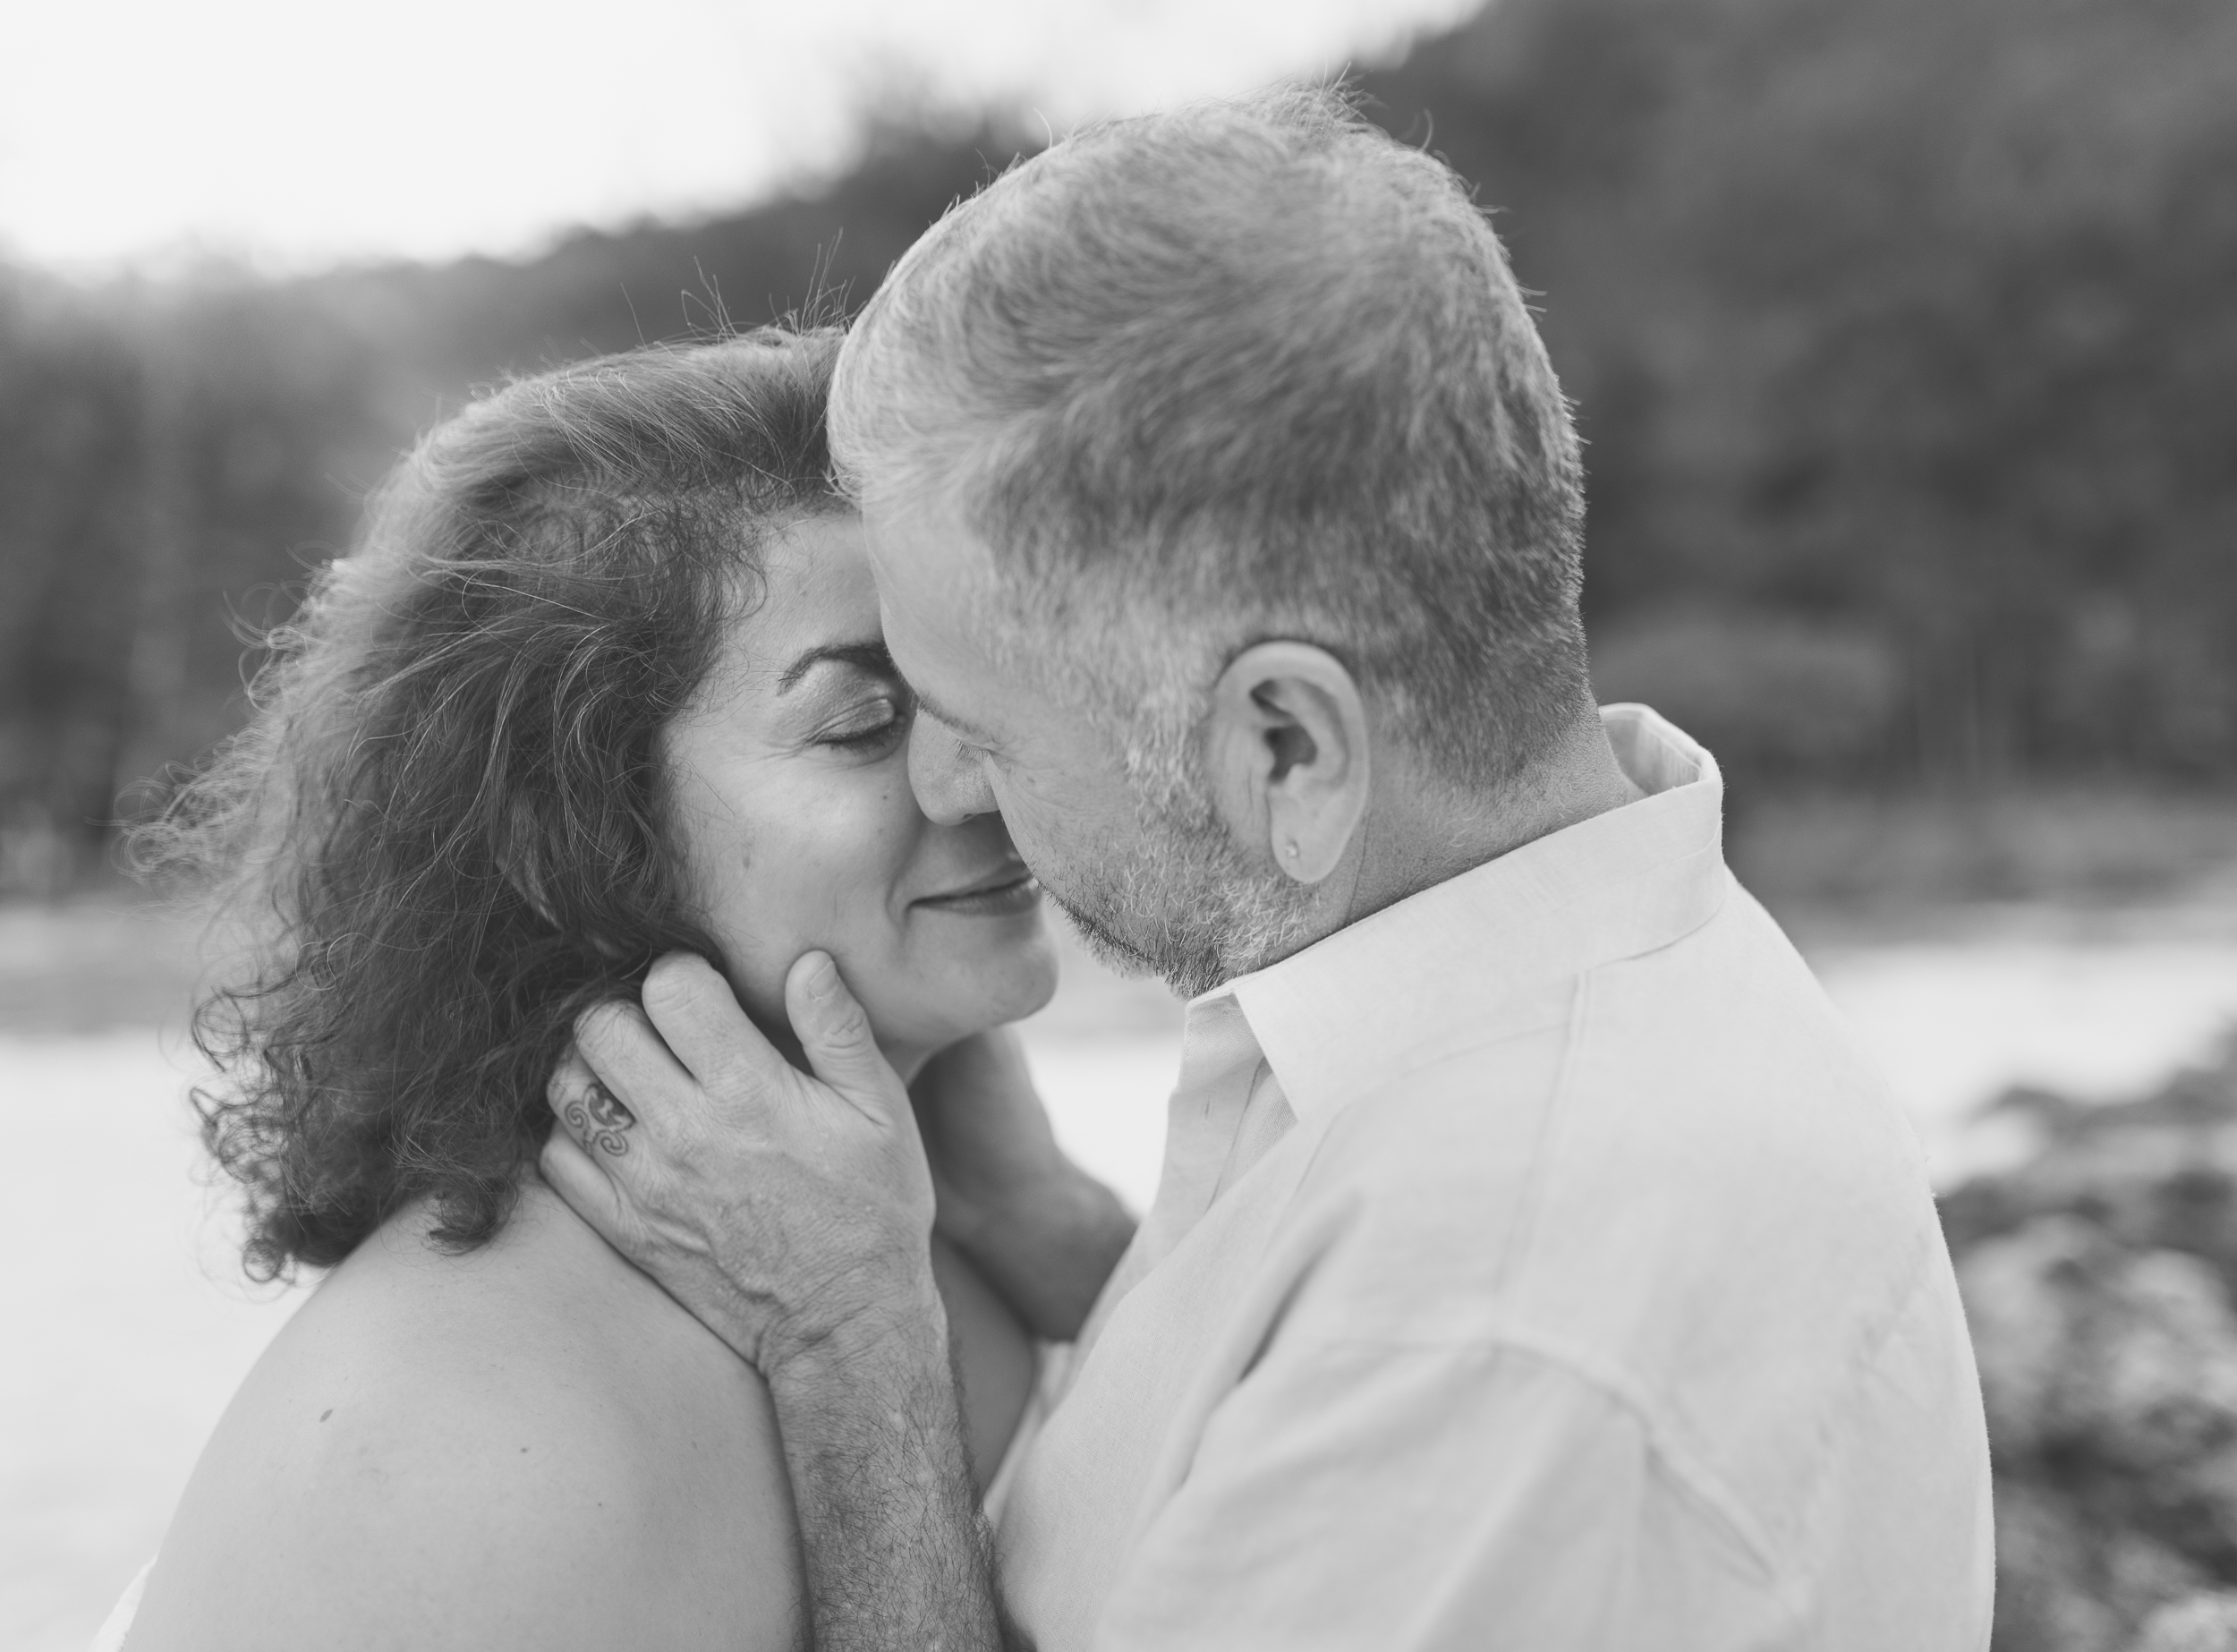 CouplesSessionTaragueGuamPhotographer-ROXANNEAUGUSTA-17.jpg